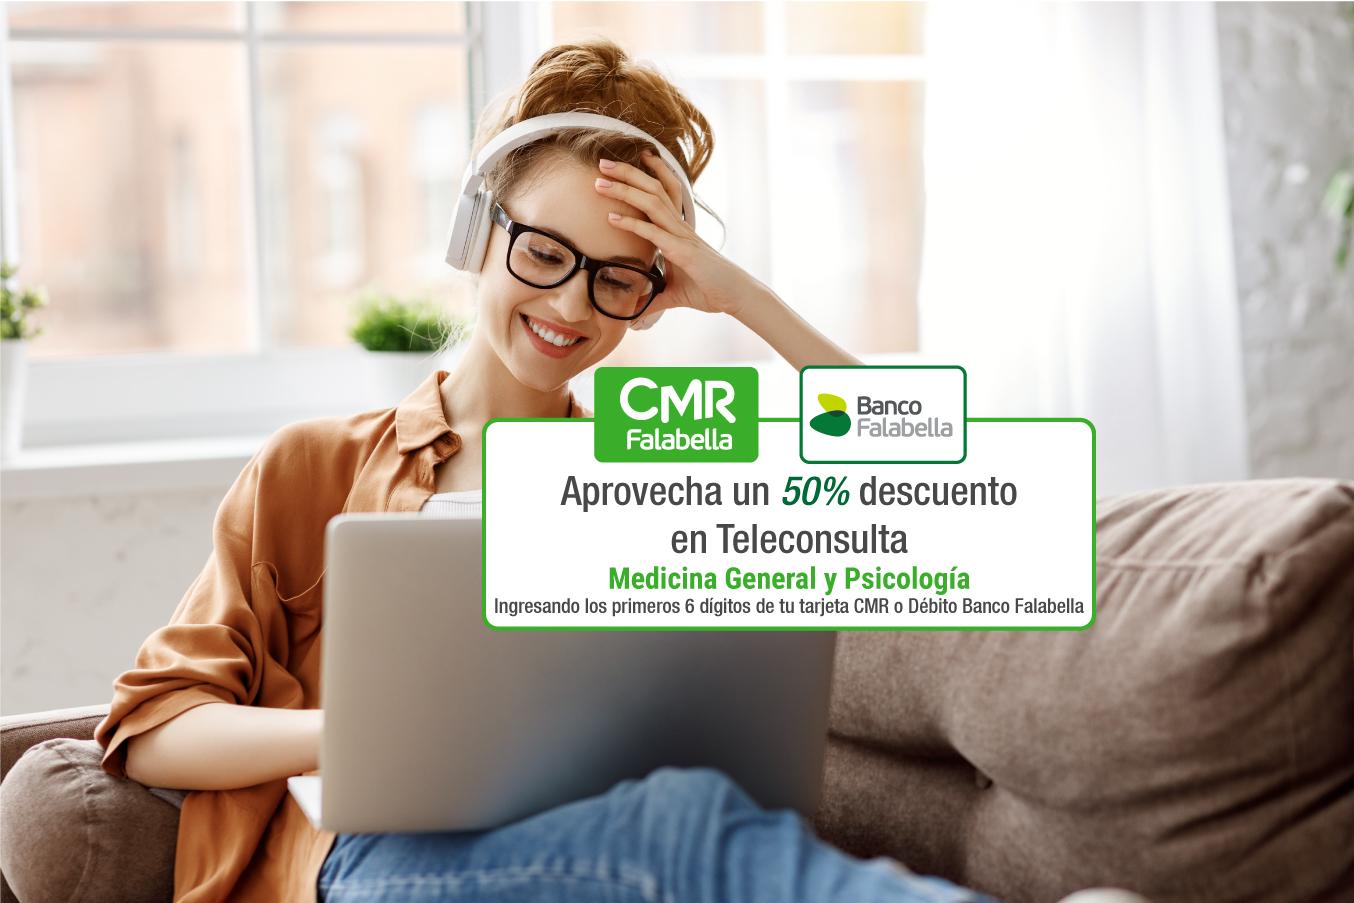 Campaña-CMR-Falabella_Banner_V4_2